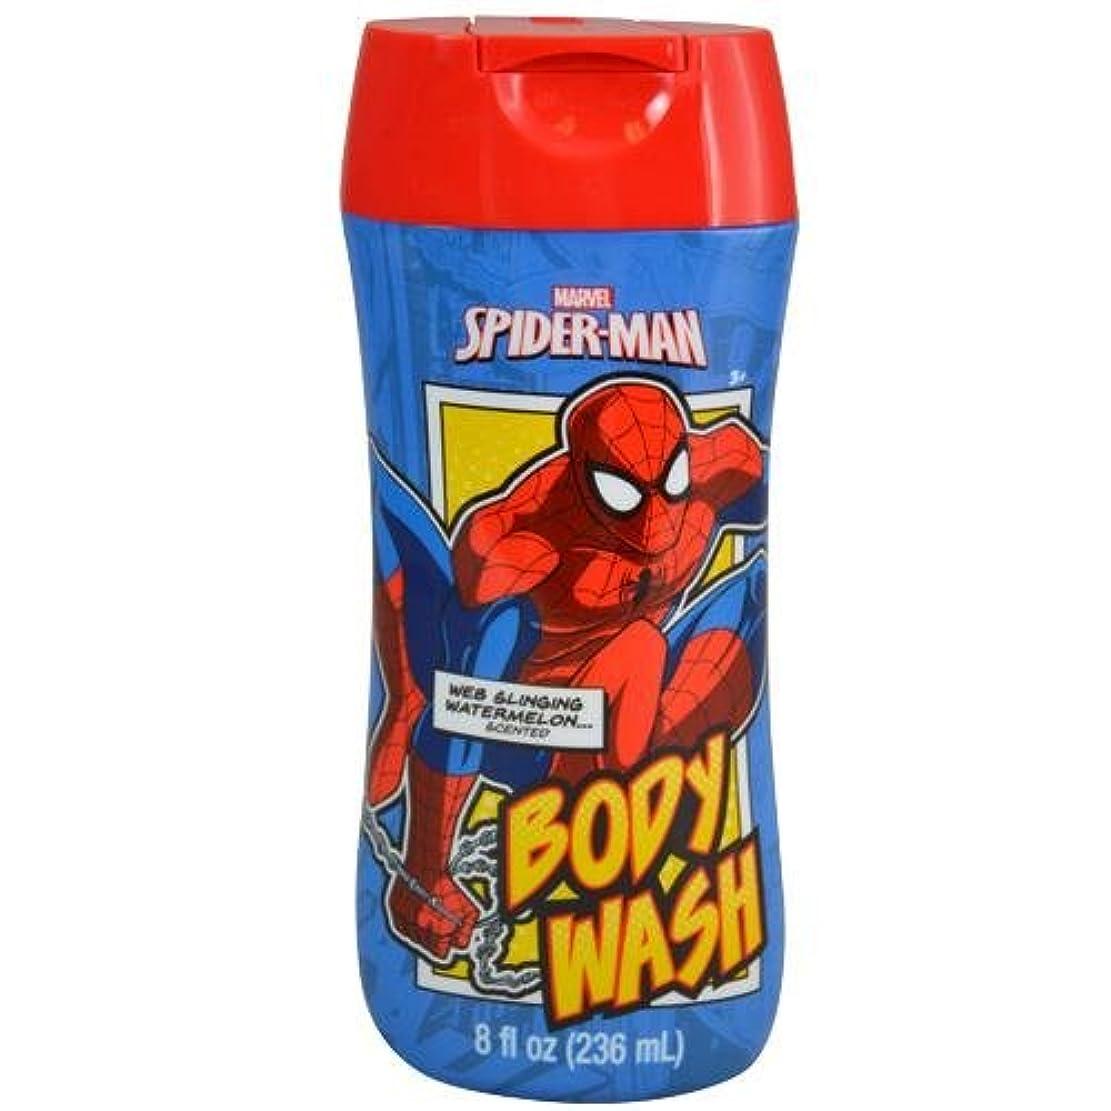 サーキュレーション衝突押すスパイダーマン SPIDER-MAN ボディーソープ 12185 MARVEL お風呂 ボディ ソープ 子供用 キッズ ボディソープ MARVEL ボディウォッシュ マーベル ボディーウォッシュ【即日?翌日発送】